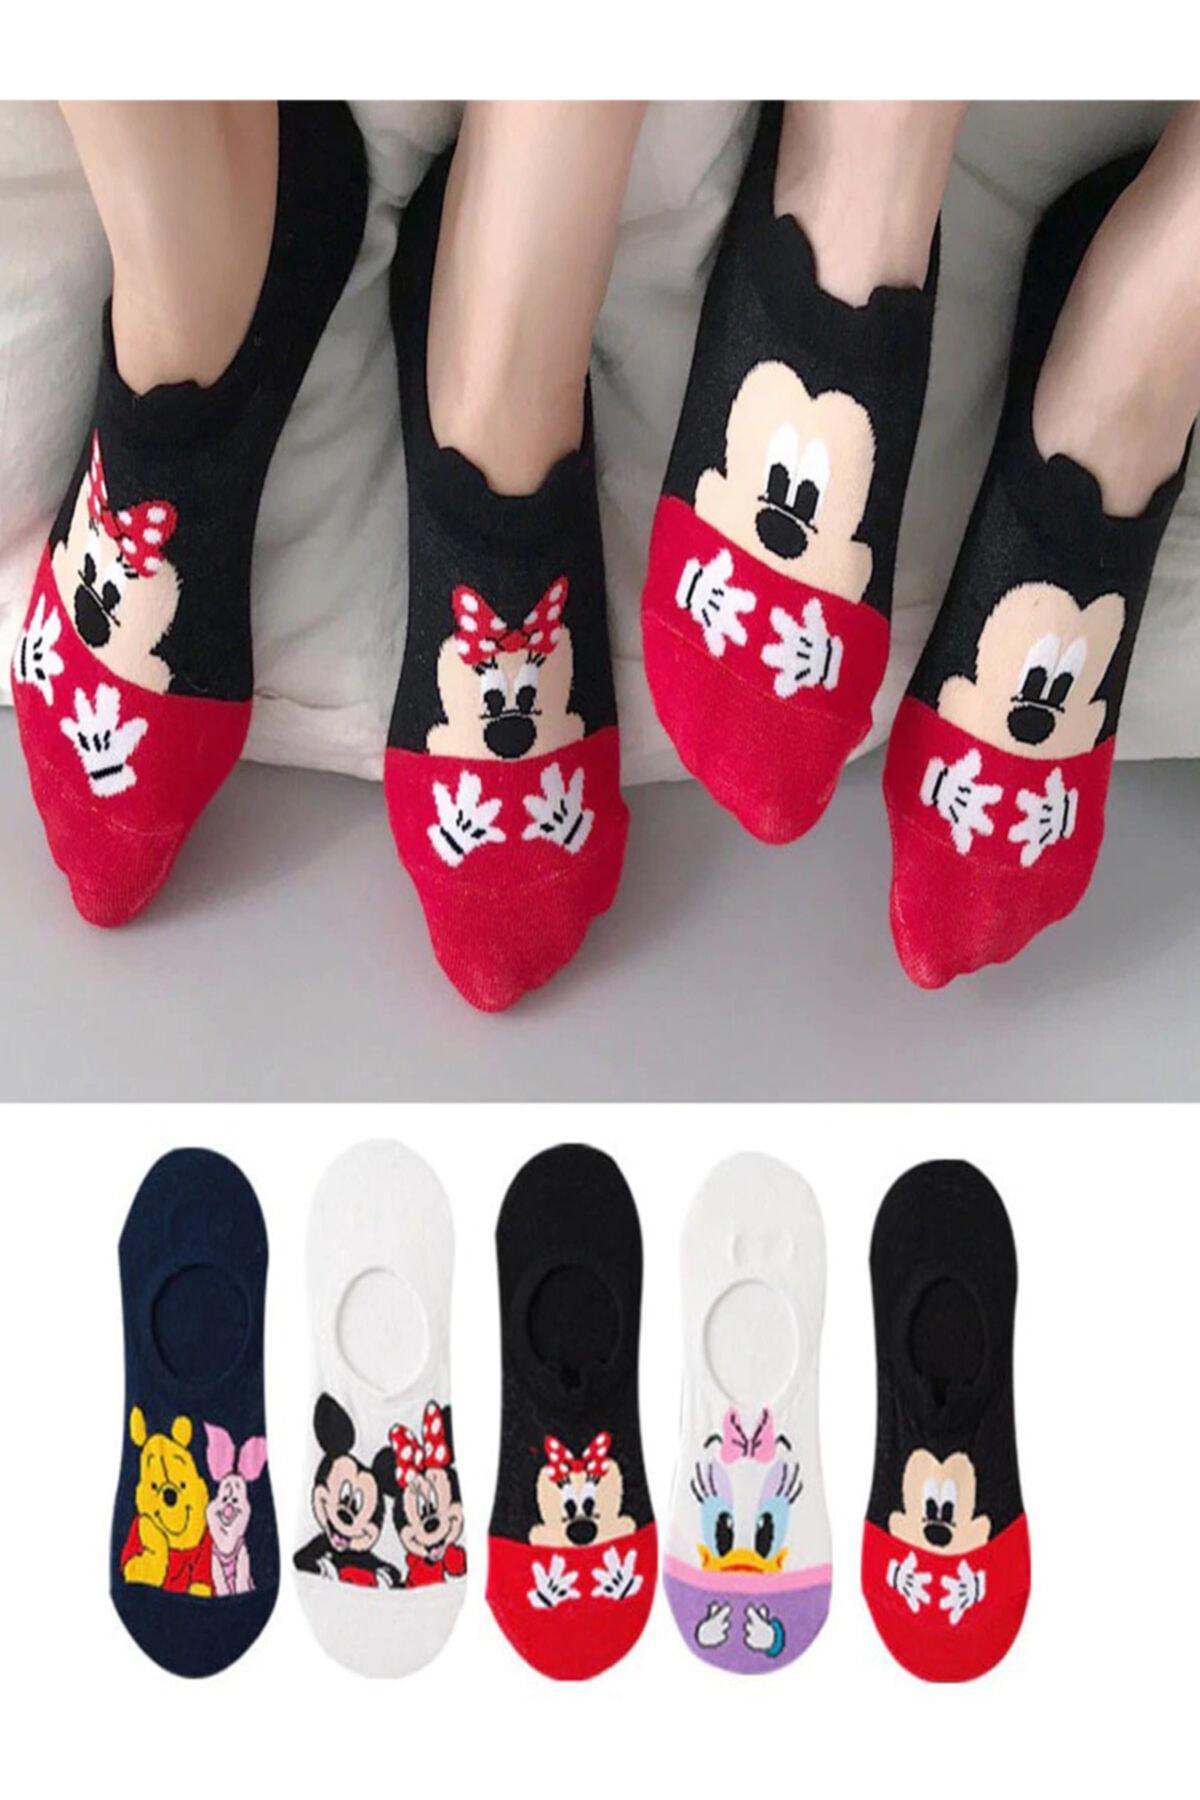 Kadın Çok Renkli Görünmez Spor Ayakkabı Çorabı 5 Çift